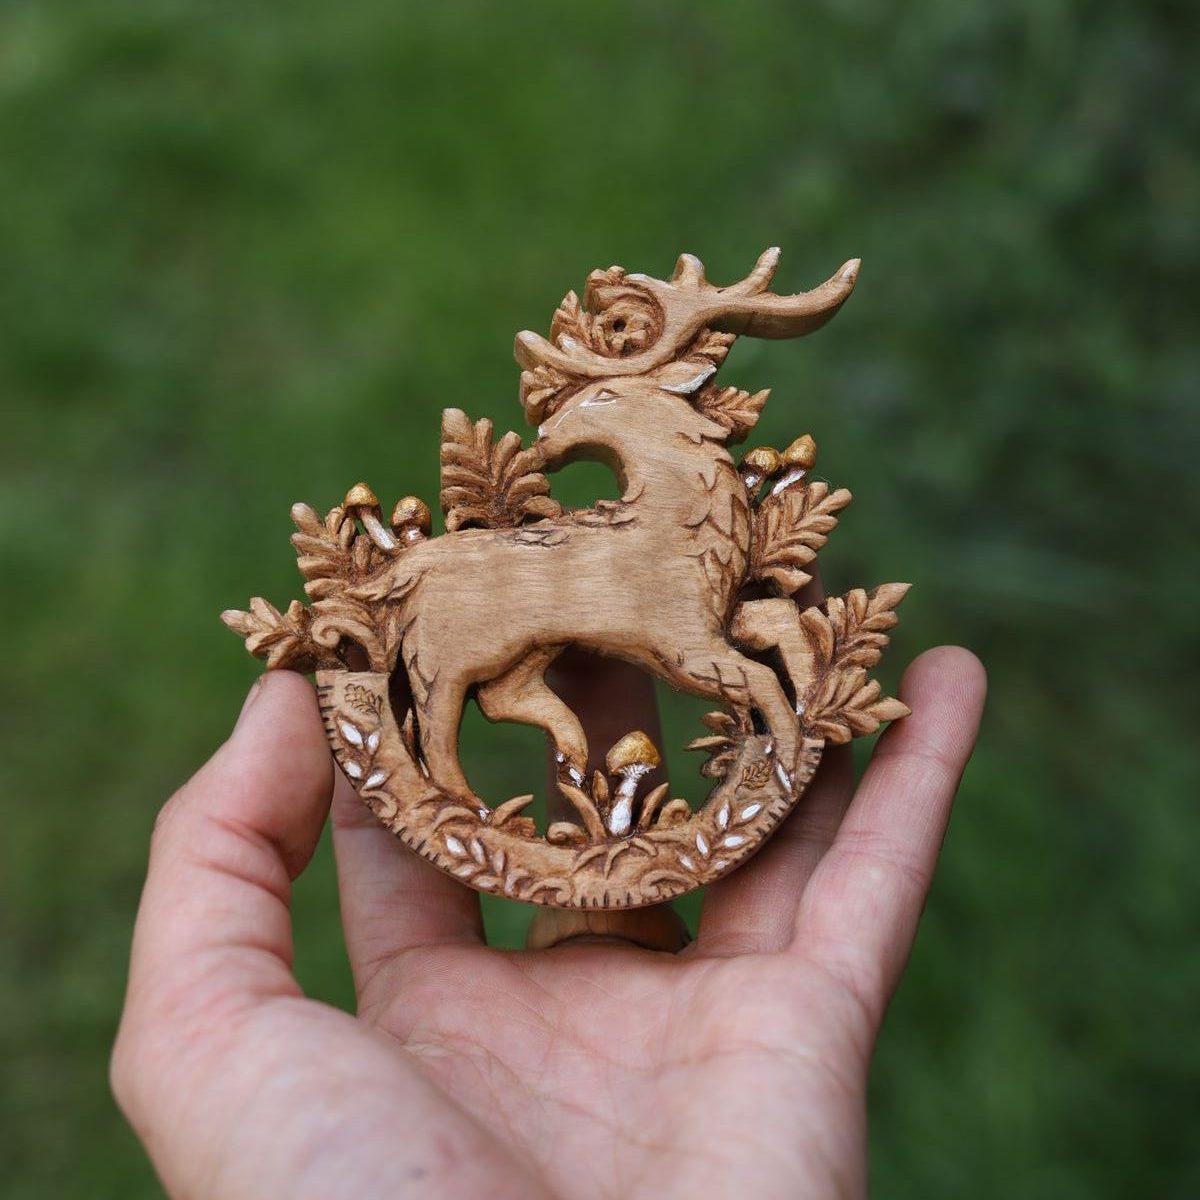 Cerf à bascule, bois, sculpture, atelier de la lettre aux ours, artisanat français, écologique